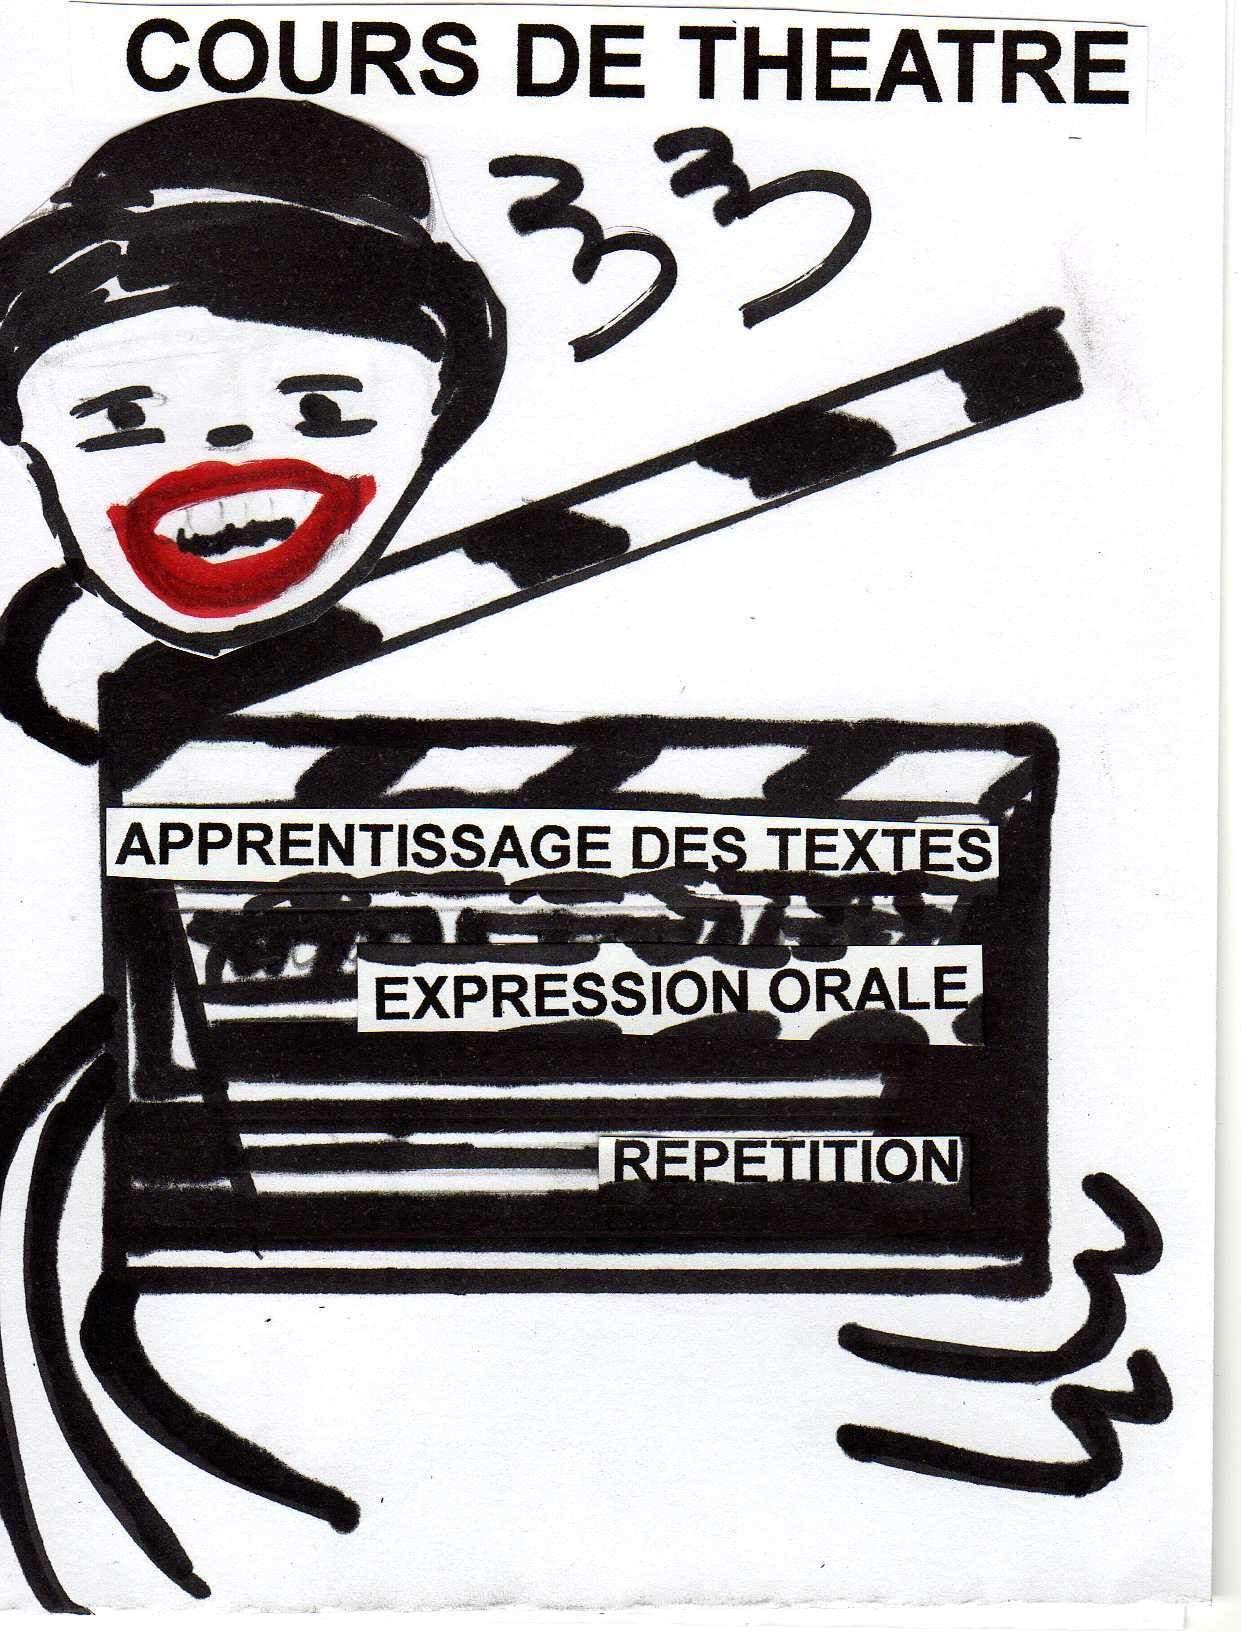 Ecole de theatre pour adultes et ados b ziers 34500 - Cours de cuisine beziers ...